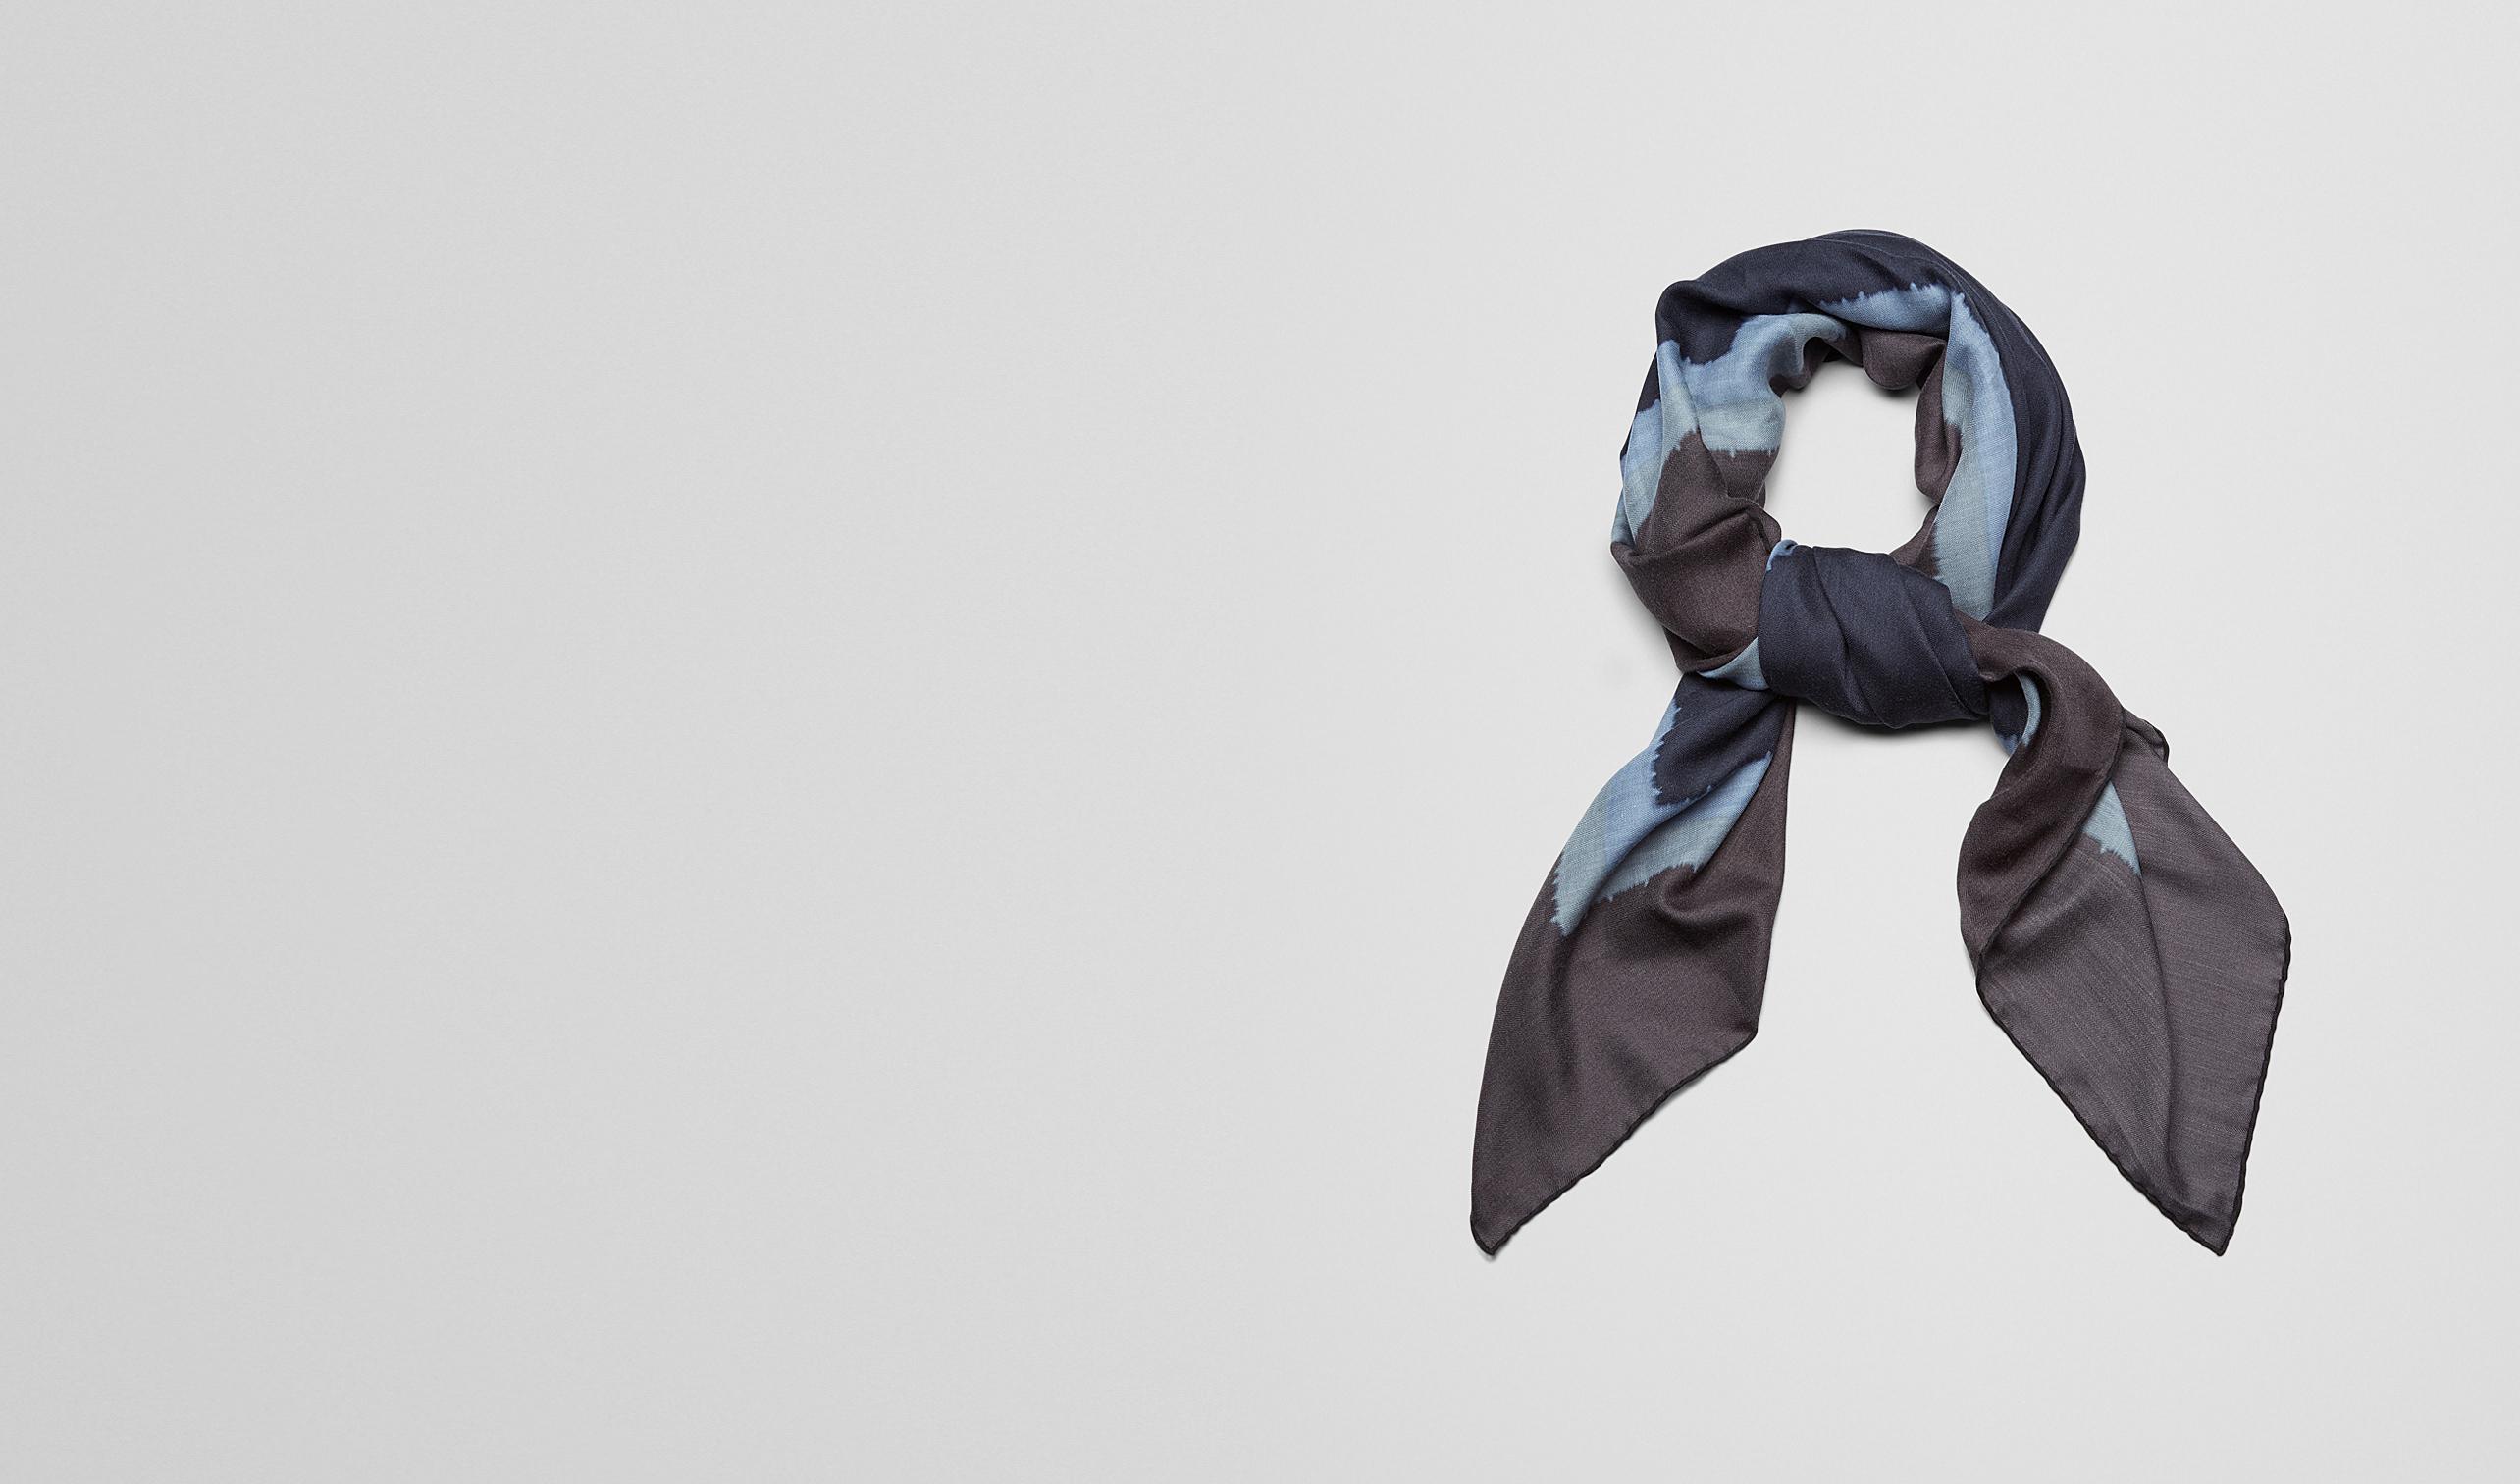 BOTTEGA VENETA Schal oder Hut oder Handschuhe U SCHAL AUS KASCHMIR UND SEIDE MIDNIGHT BLUE UND DARK GREY pl